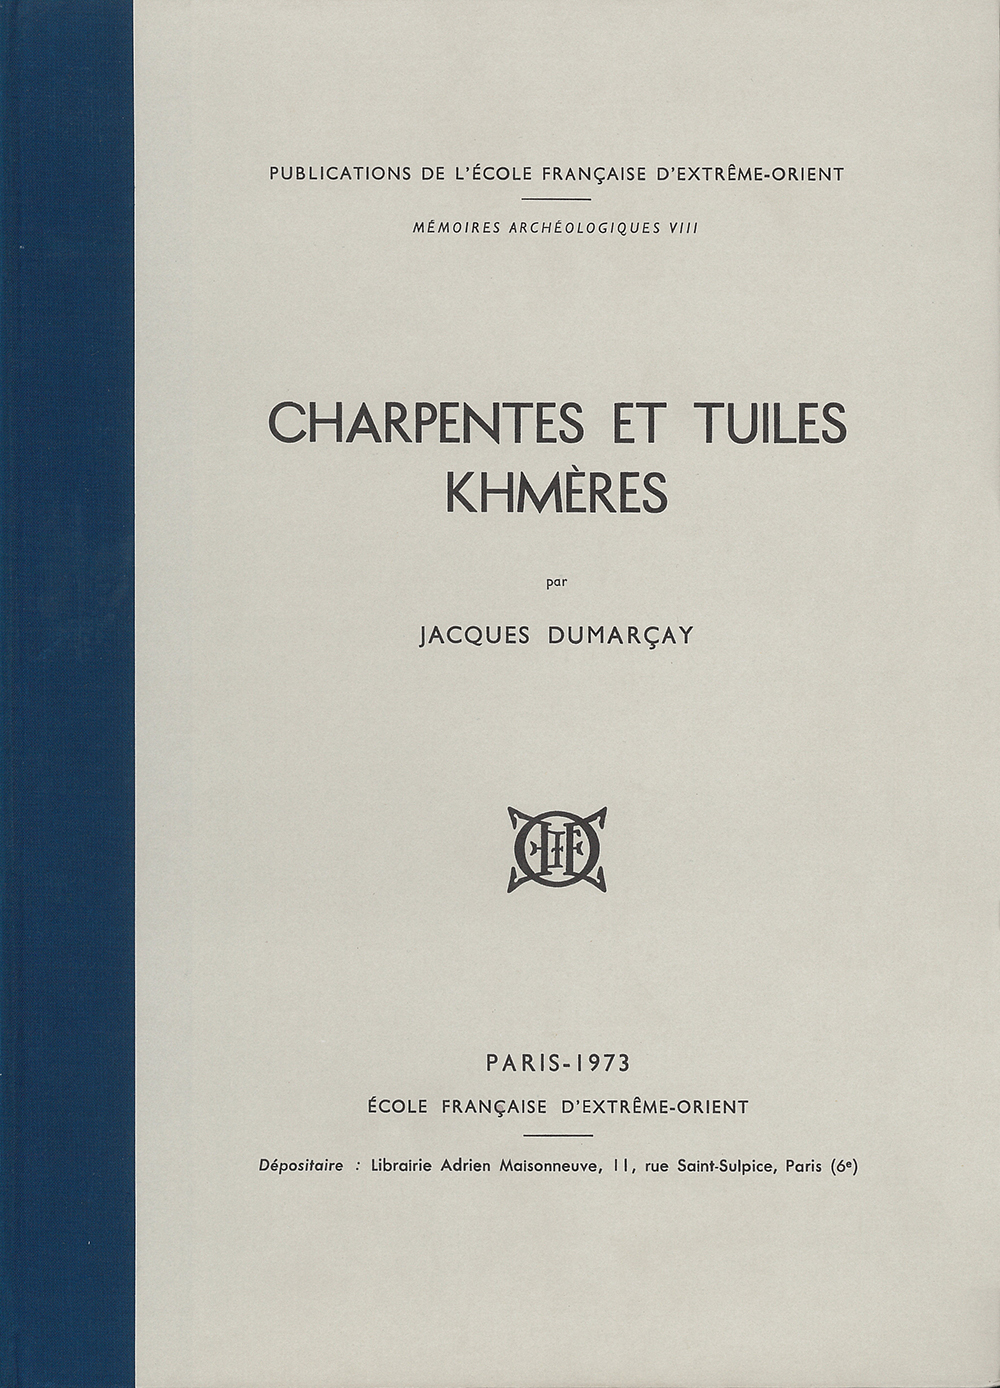 Charpentes et tuiles khmères